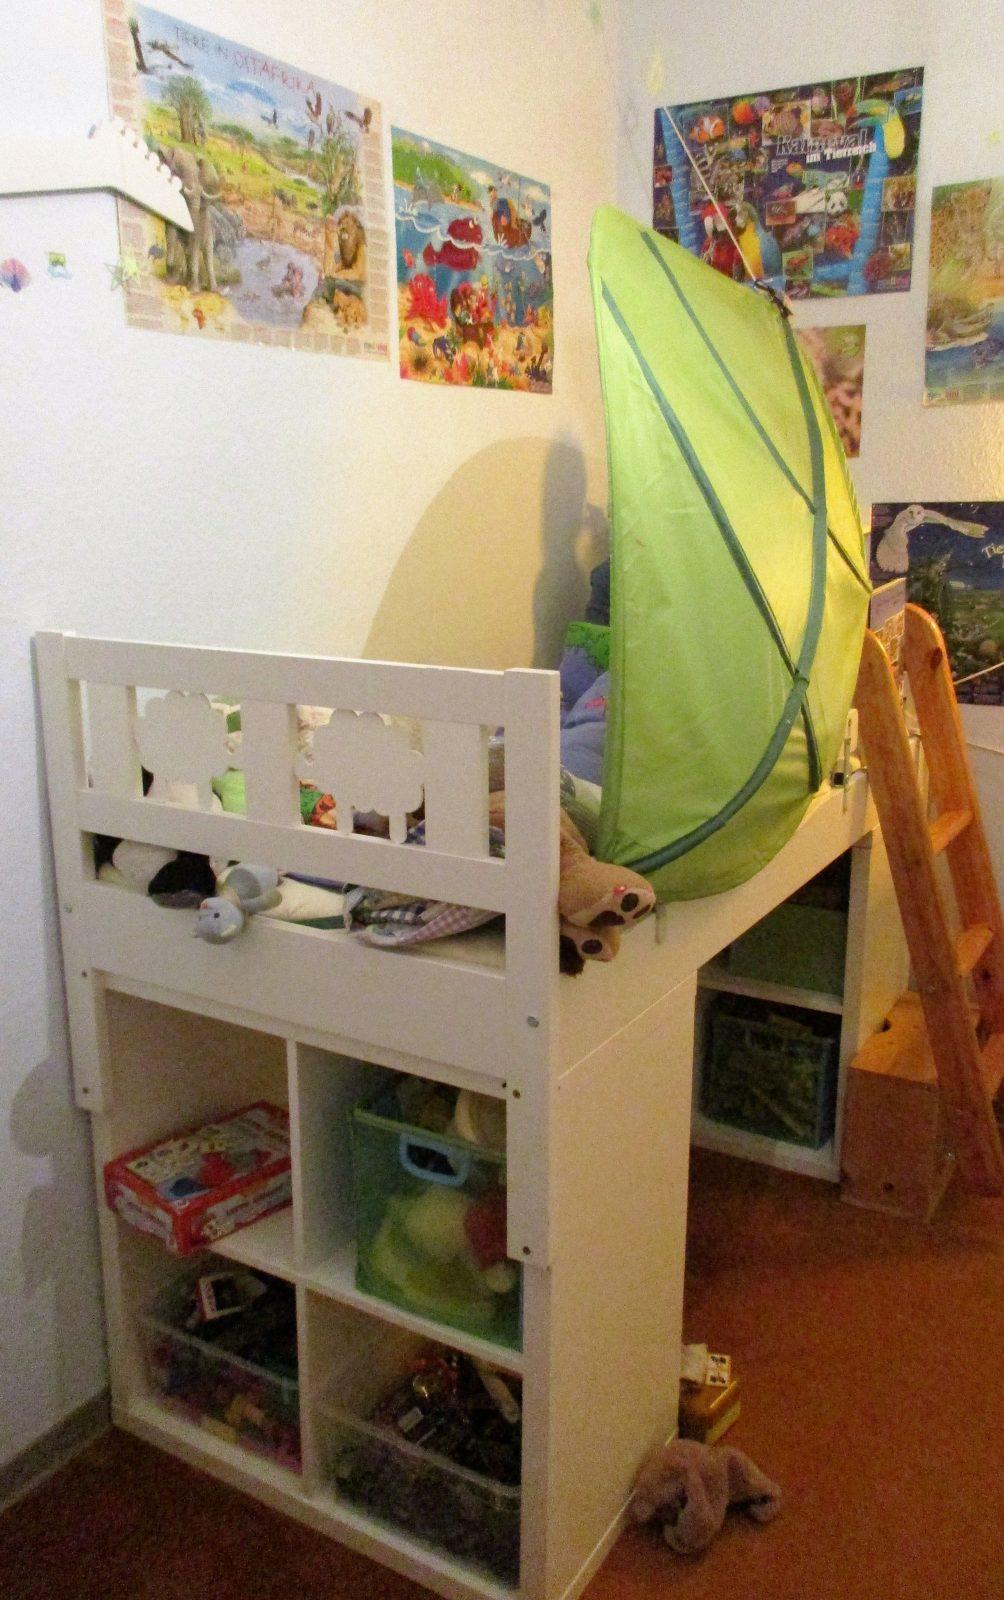 Hochbett Selber Bauen 2X Kallax Regal Von Ikea Unter Das Bett von Ikea Regal Kallax Aufbauanleitung Photo